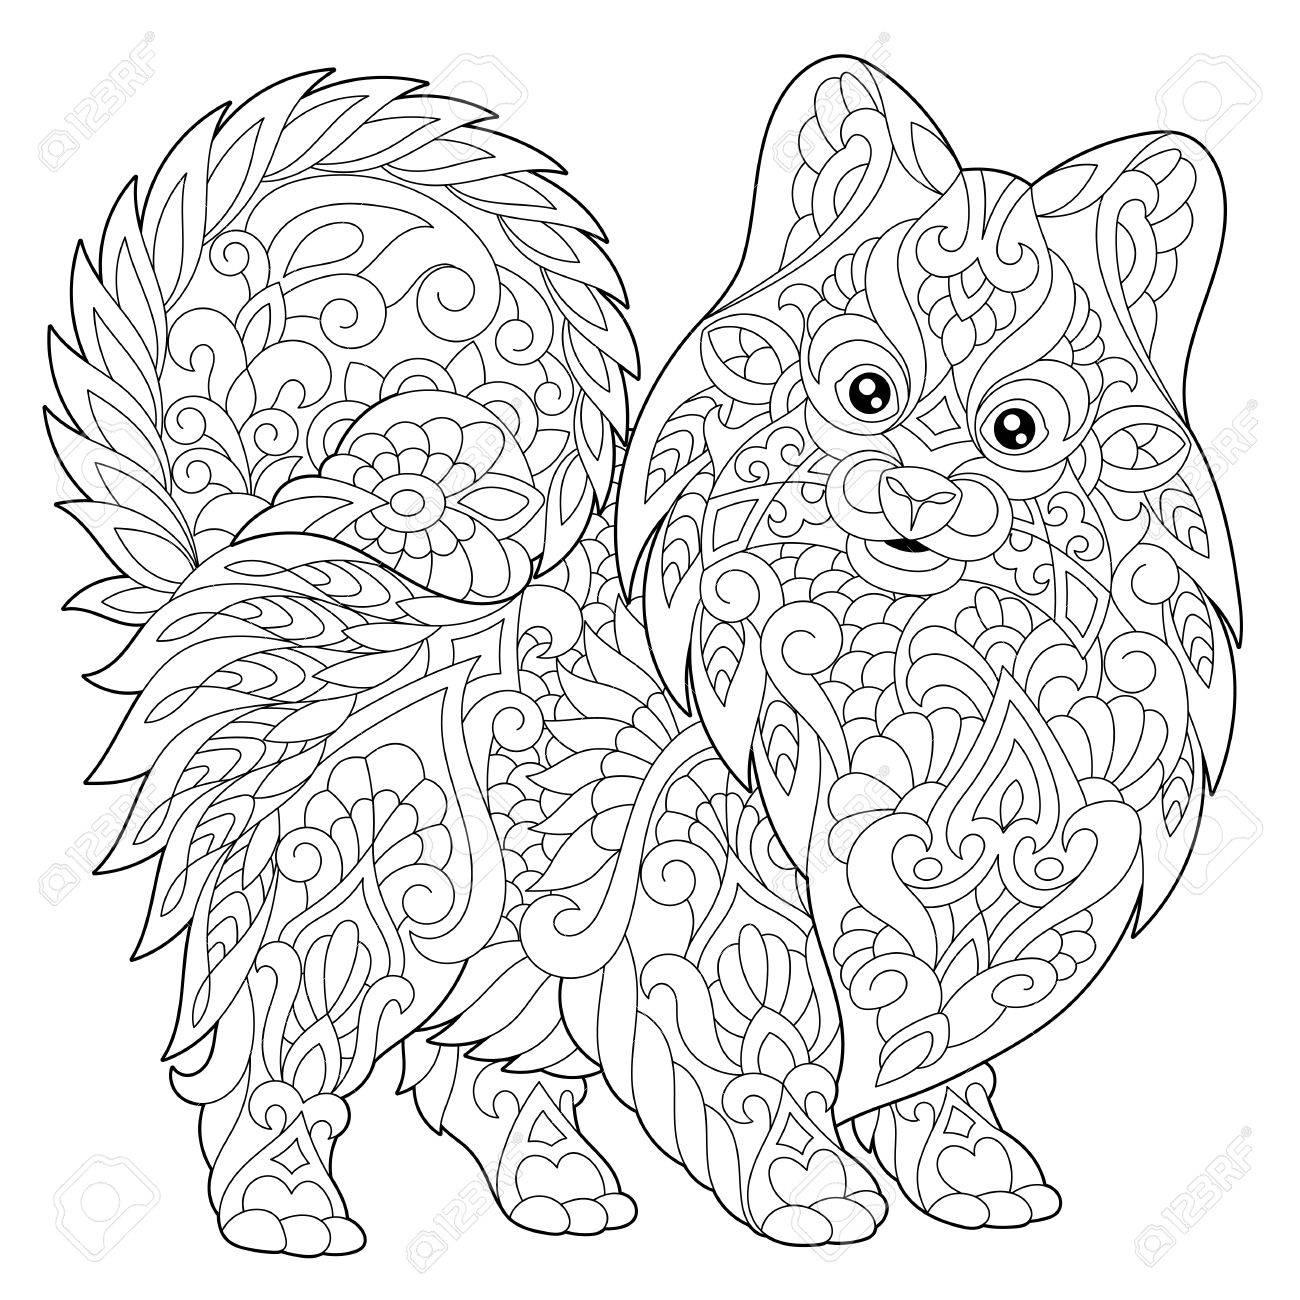 ポメラニアン犬シンボルの 2018 旧正月のページのぬりえフリーハンド